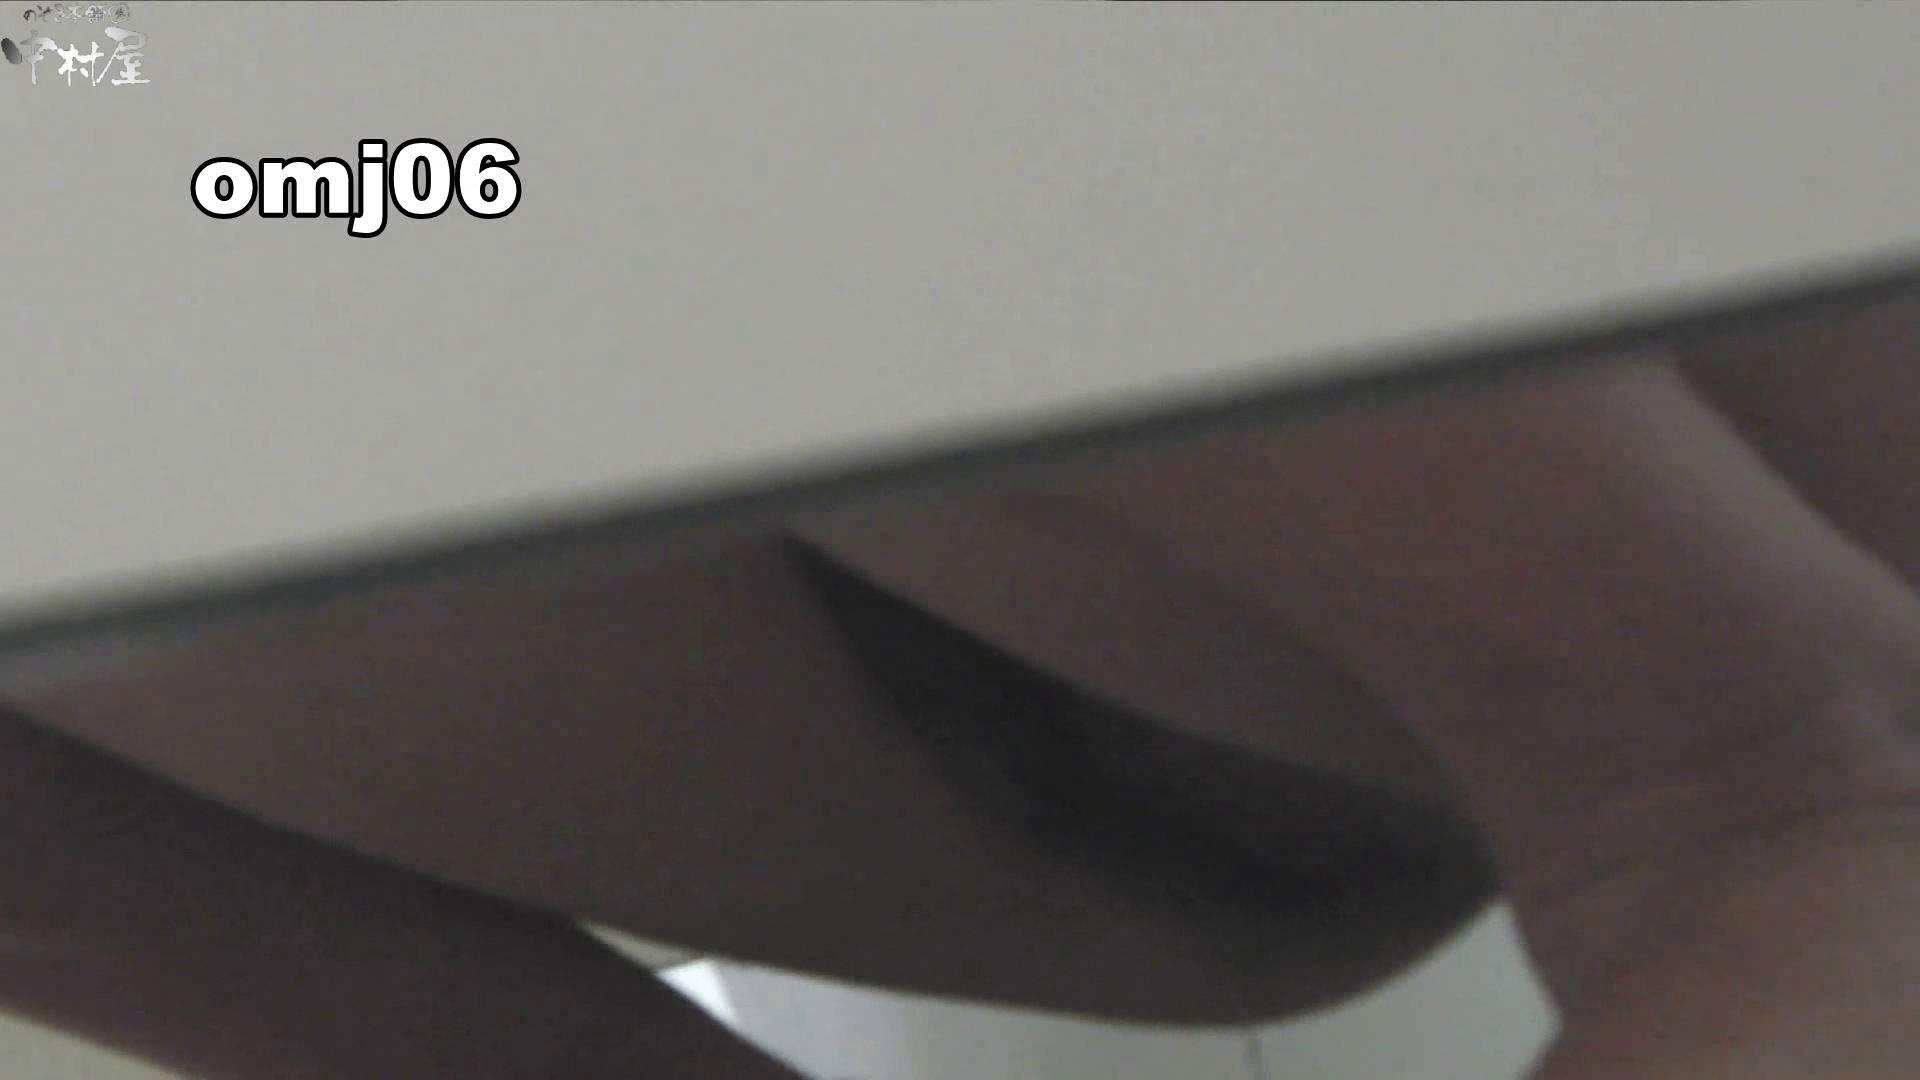 お市さんの「お尻丸出しジャンボリー」No.06 黒人 隠し撮りセックス画像 88連発 87